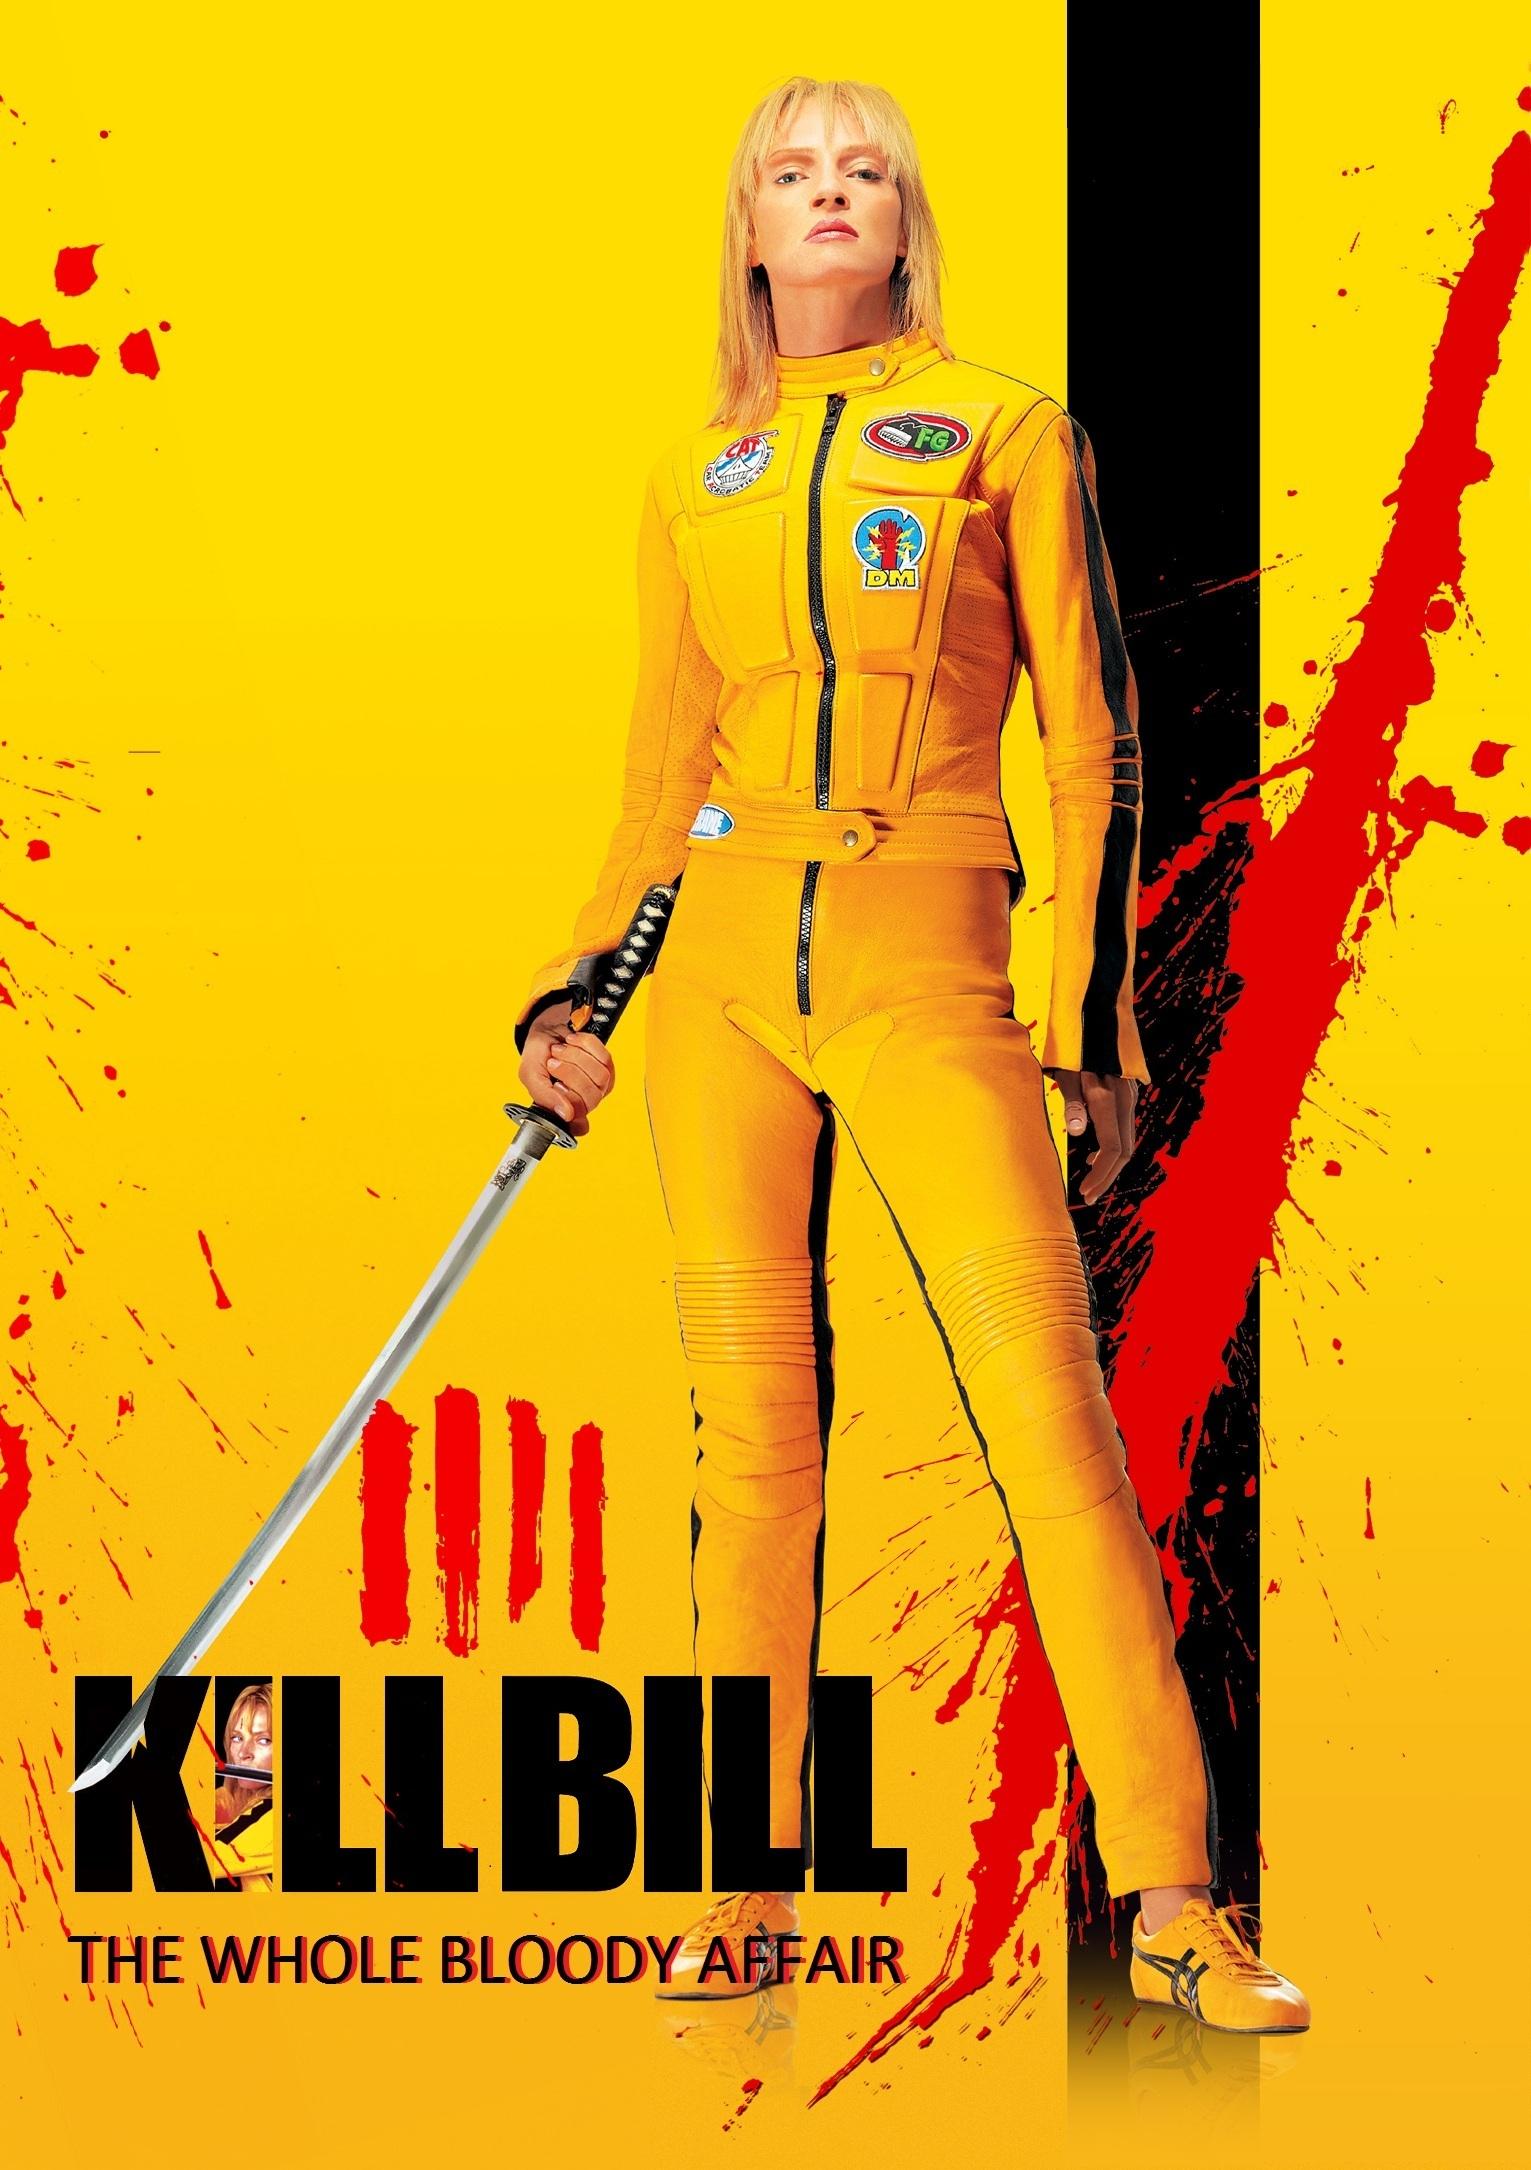 粉红豹1国语版_杀死比尔视频 _网络排行榜